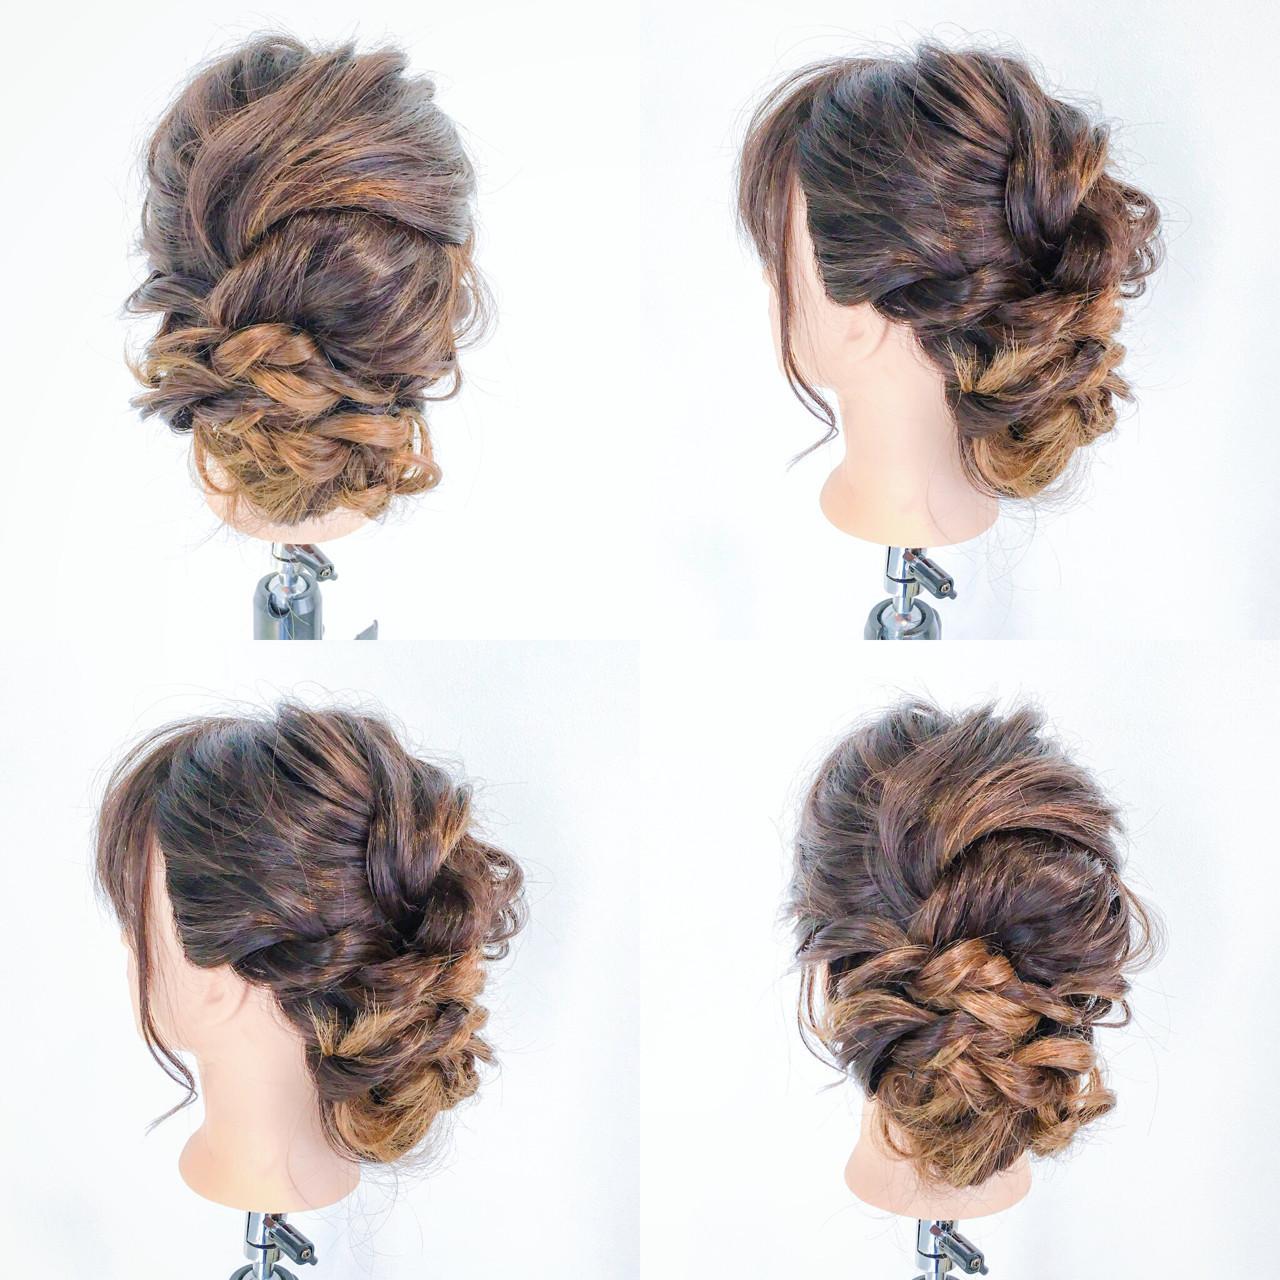 ツイスト編みこみでこなれ感あるまとめ髪に 美容師 HIRO